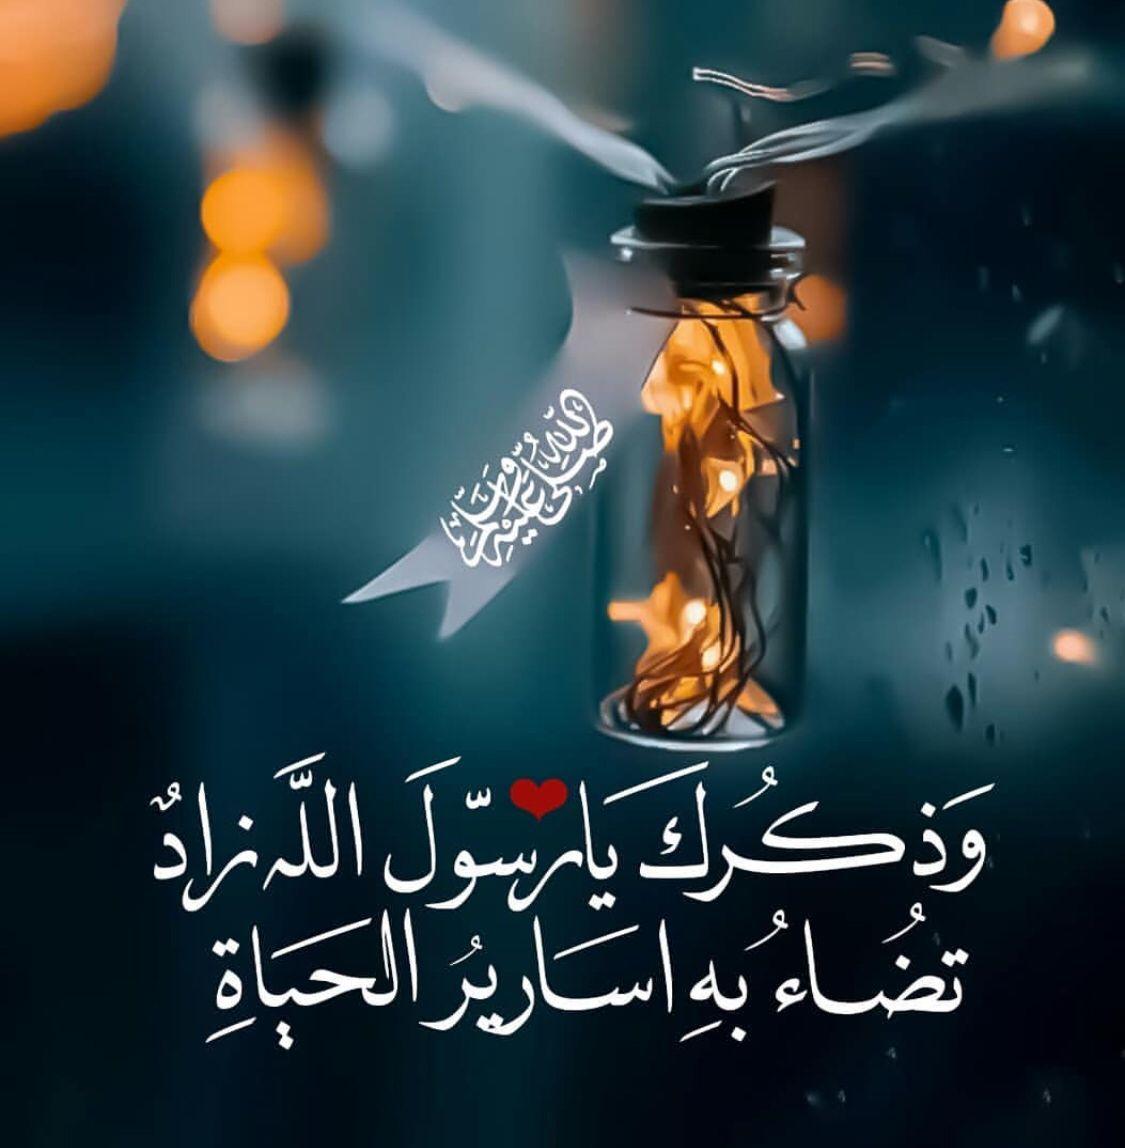 خلفيات اسلامية 2020 Islamic Images Islamic Pictures Romantic Love Quotes